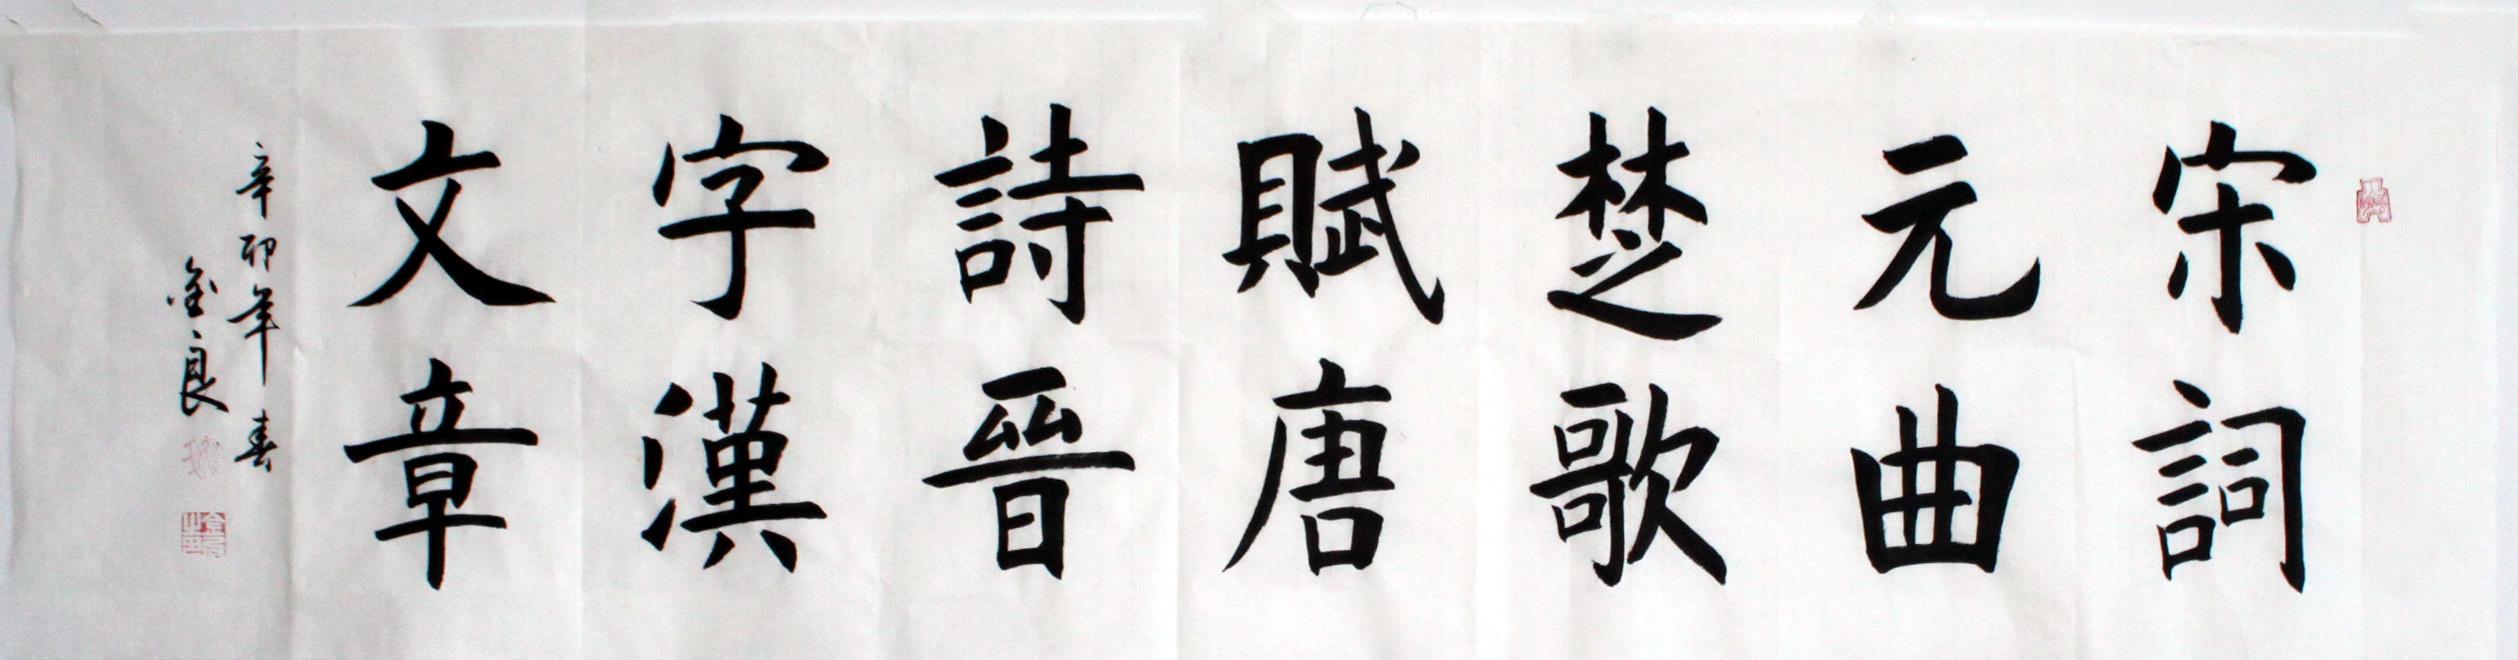 〔芥须斋画廊〕字画楷书 字画书法作品 四尺对开格言k248图片